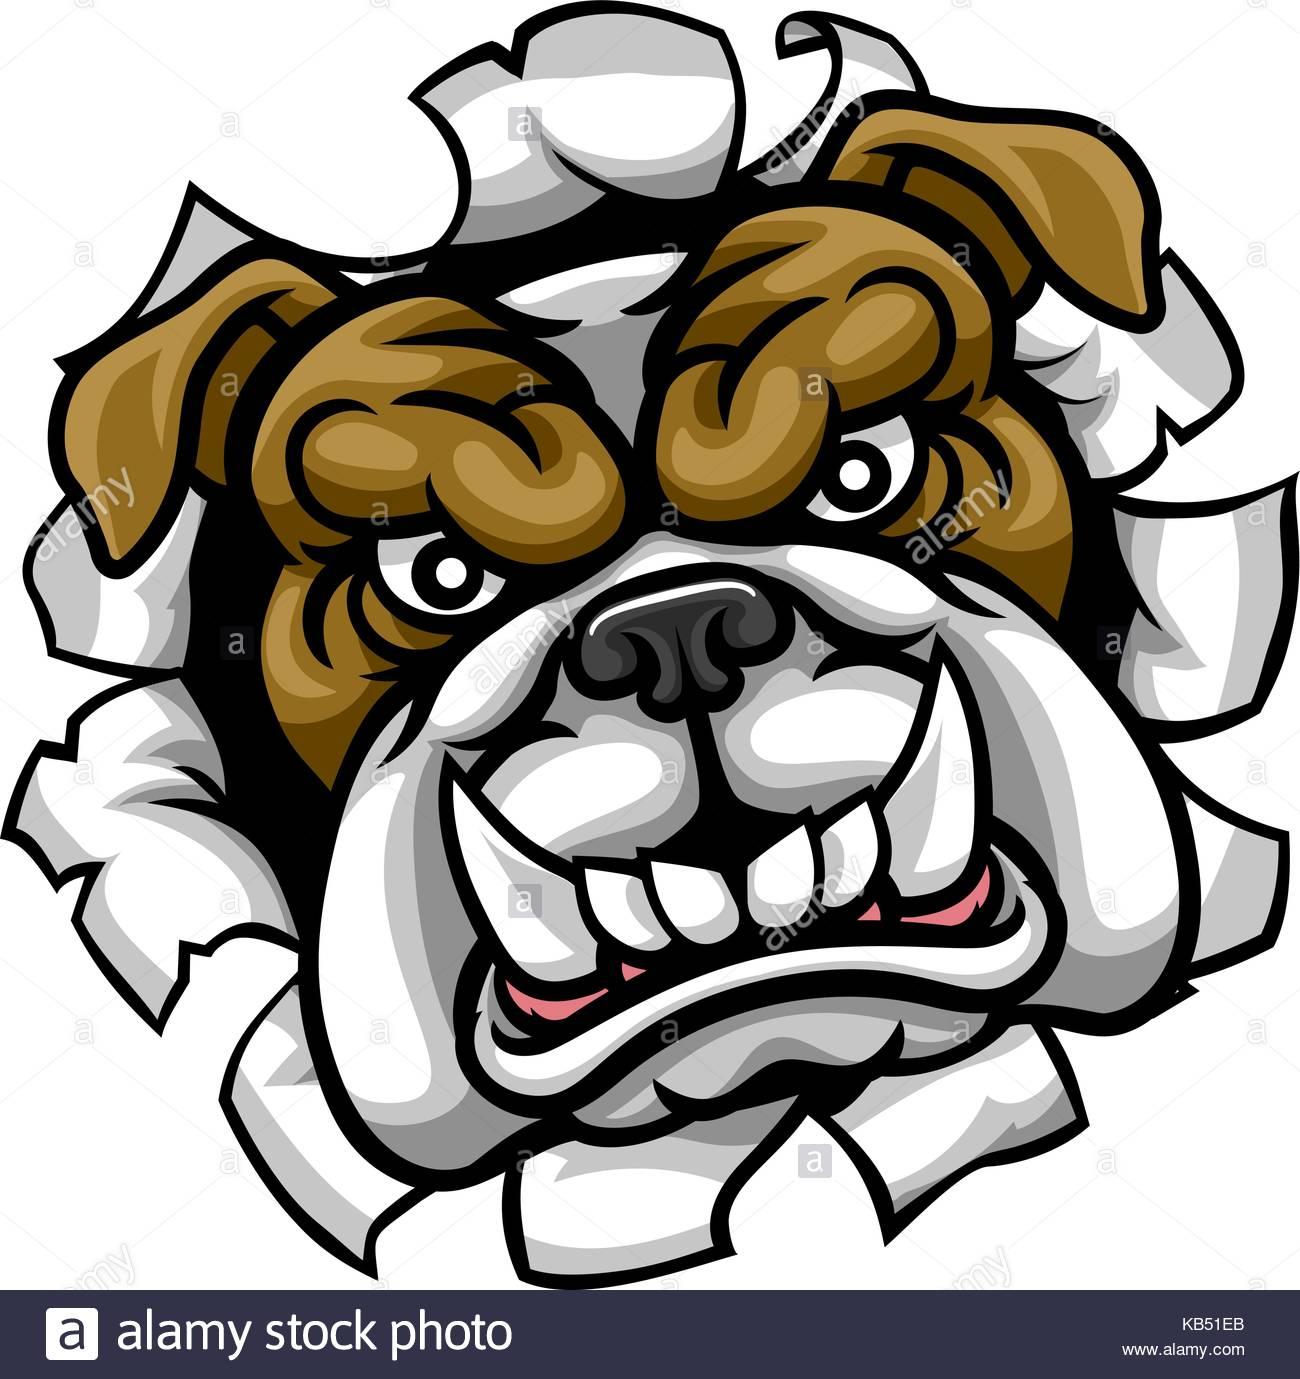 1300x1379 British Bulldog Drawing Stock Photos Amp British Bulldog Drawing